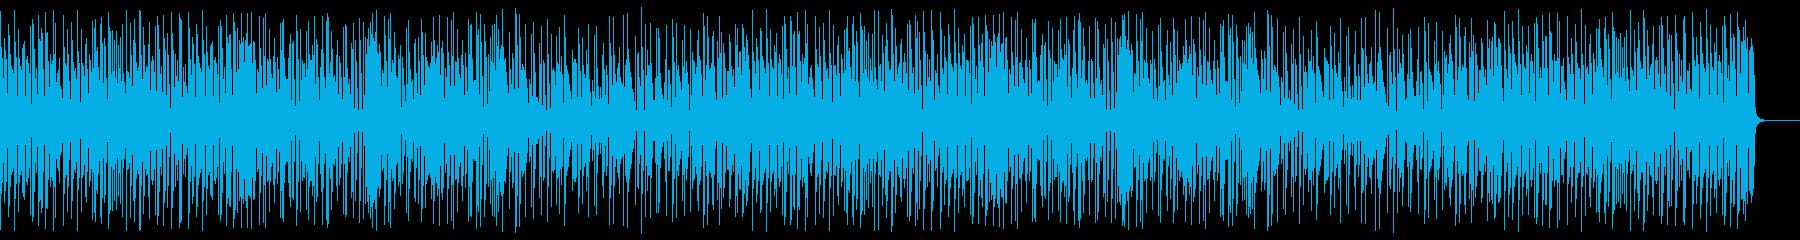 エネルギッシュでハッピーなジャズの再生済みの波形